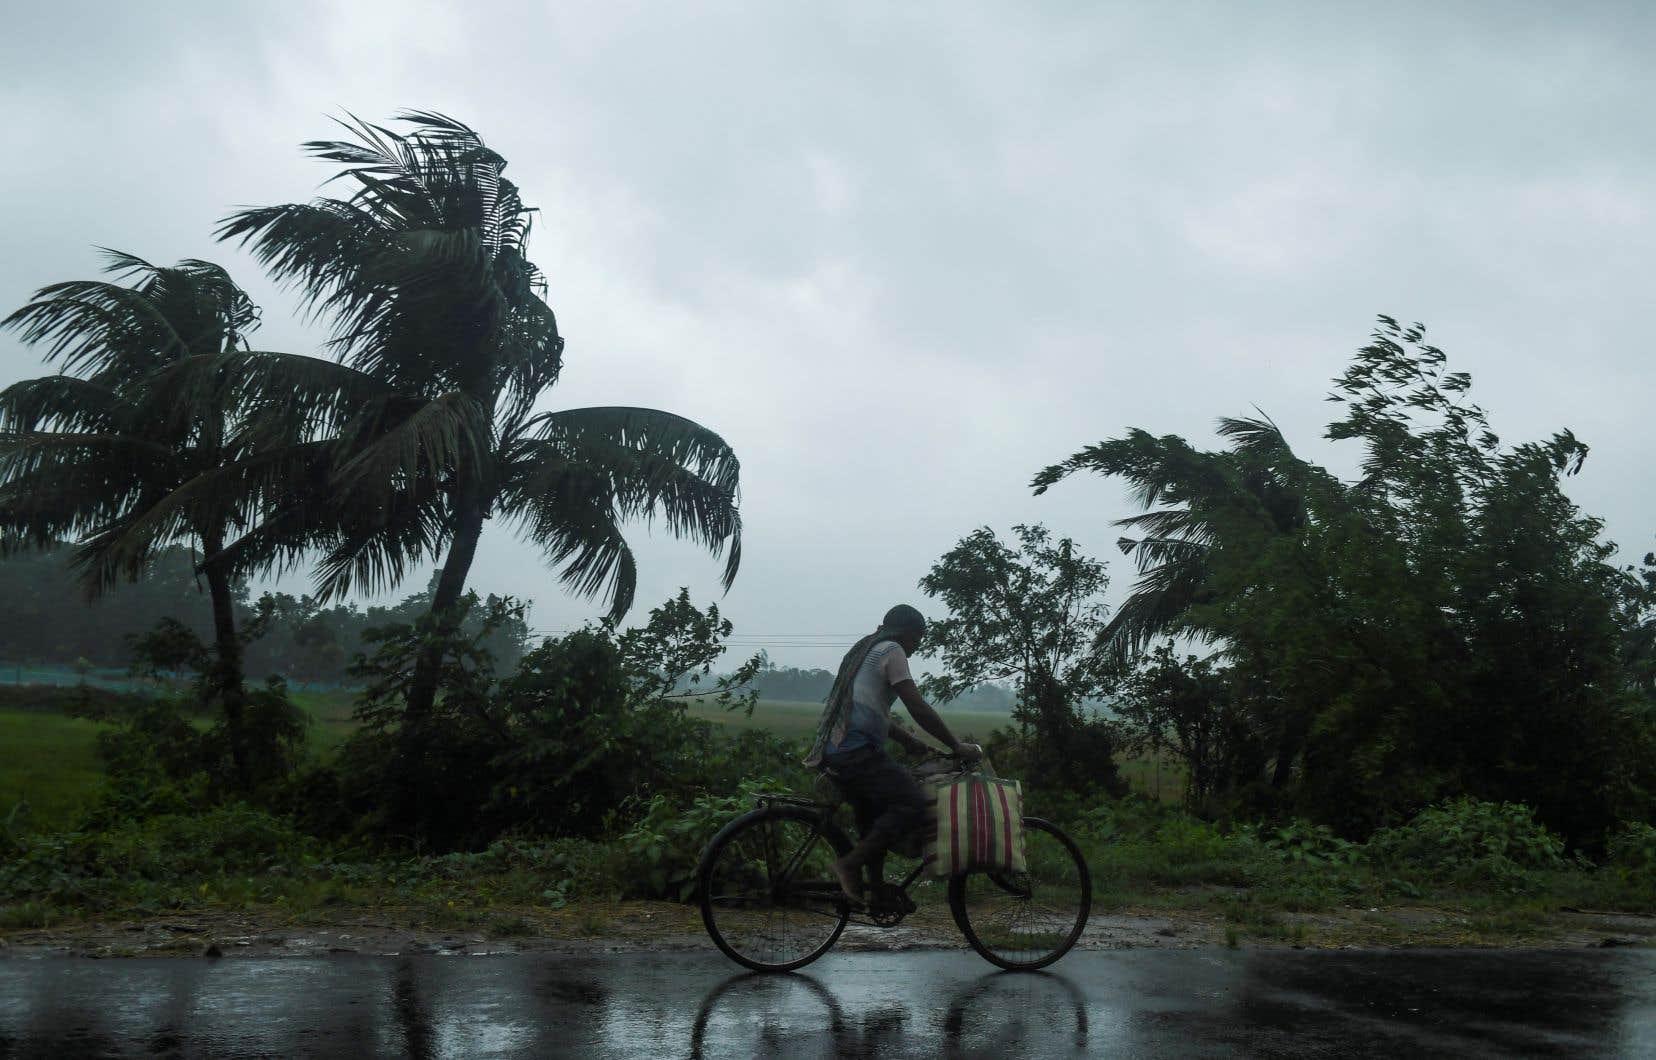 Malgré la perte de puissance du cyclone ces dernières heures à mesure qu'il approche des côtes, les autorités indiennes et bangladaises s'attendent à d'immenses dégâts matériels.